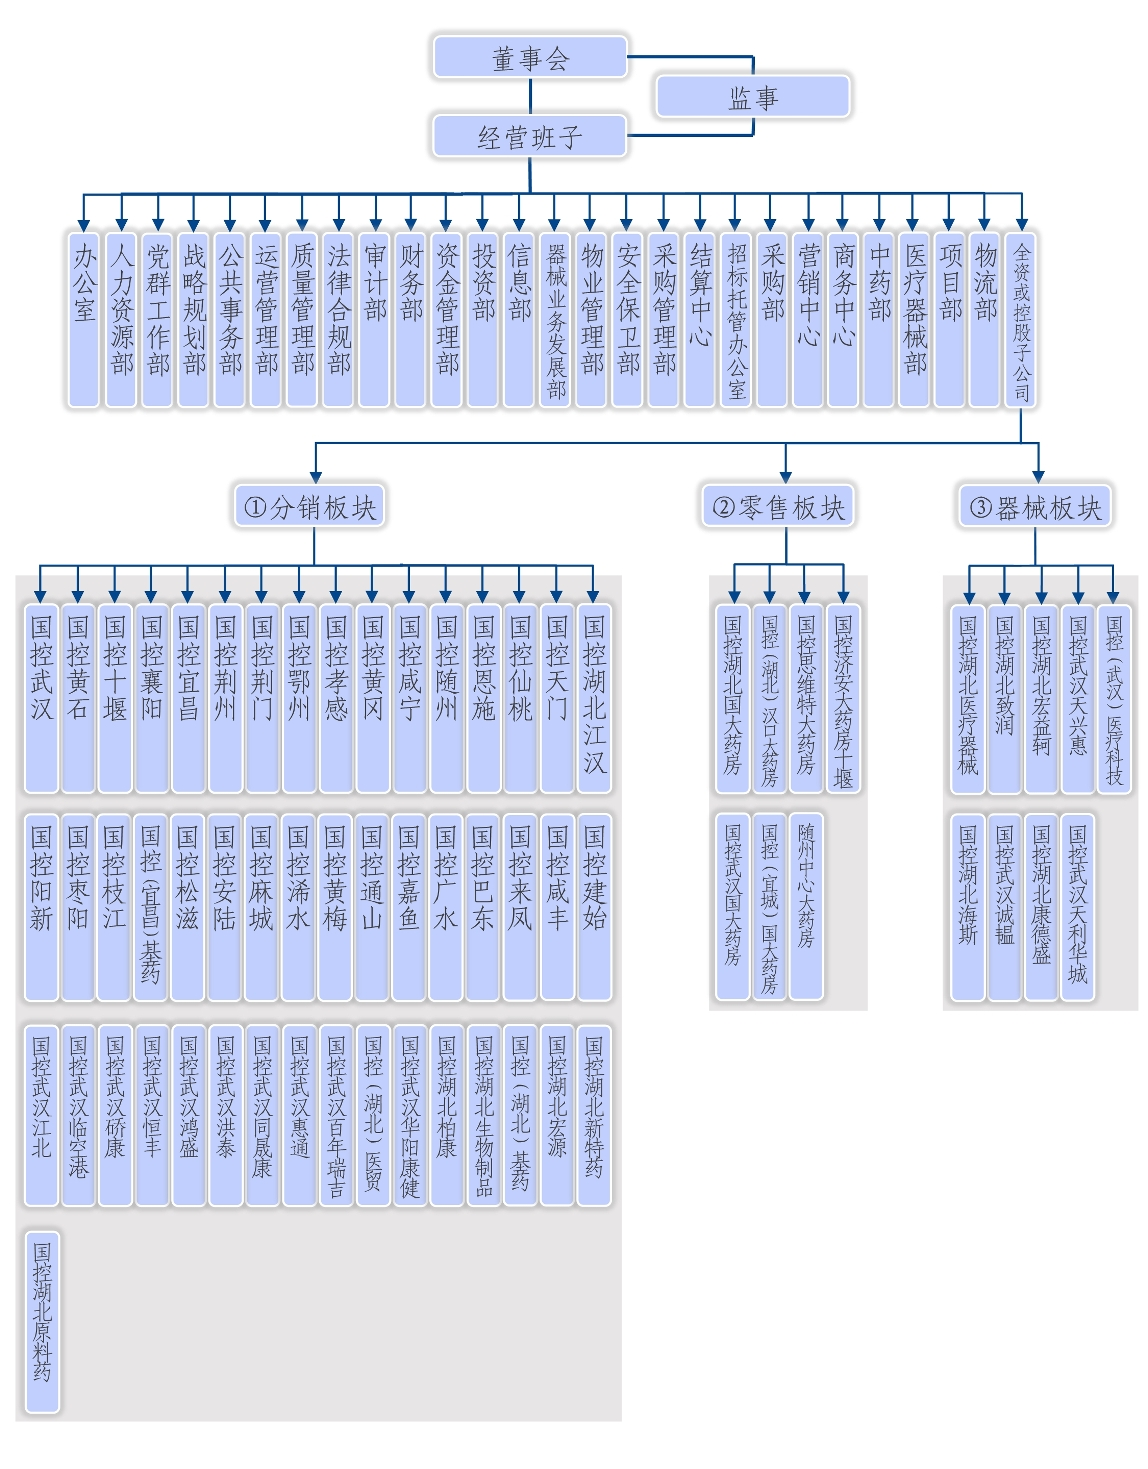 1.3 PPT【组织架构图】网站改版_1.jpg